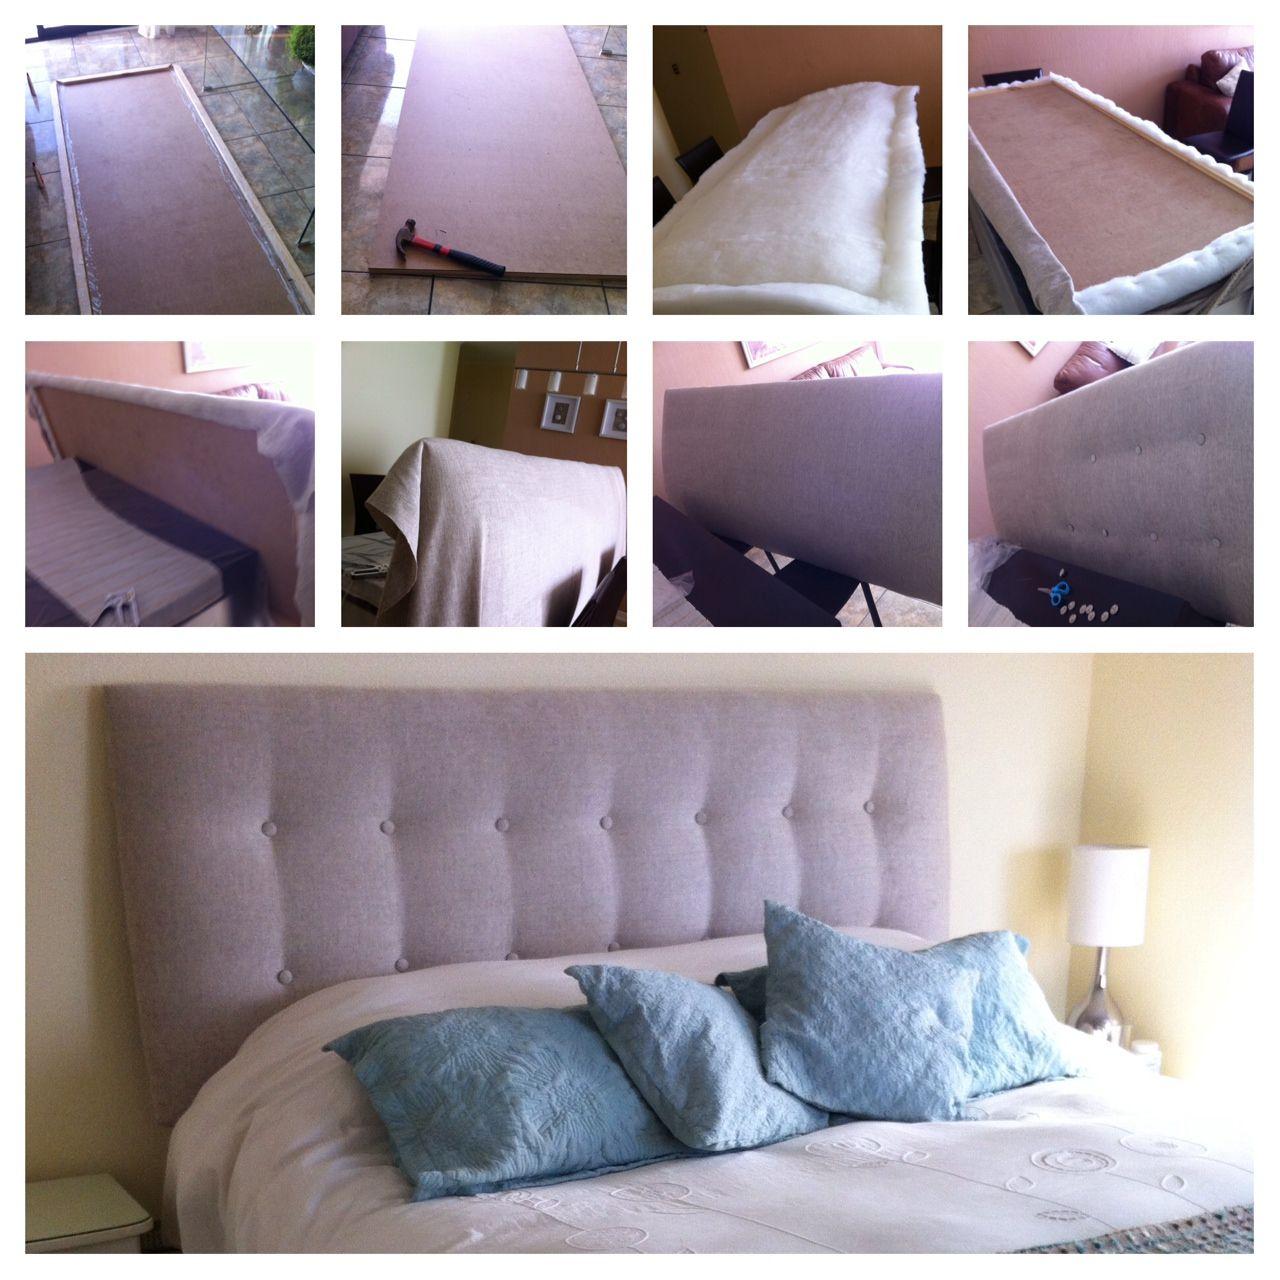 Respaldo, cabecera, habitación, ideas decoración, dormitorio, cama ...